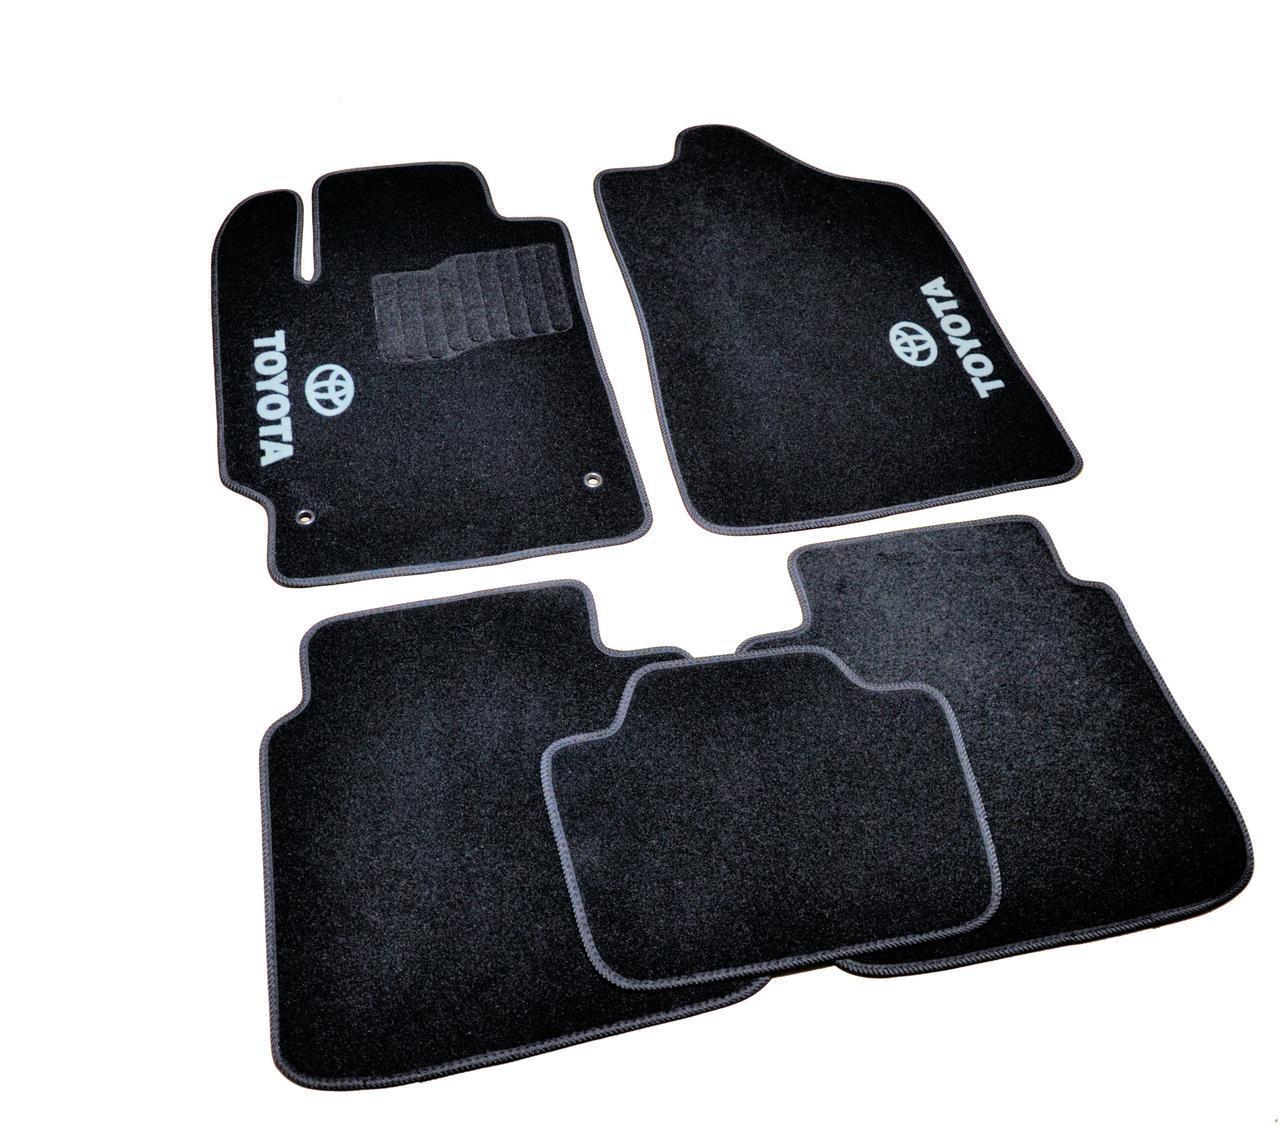 Ковры салона Toyota Camry 2006-2011 черные, 5шт ворсовые